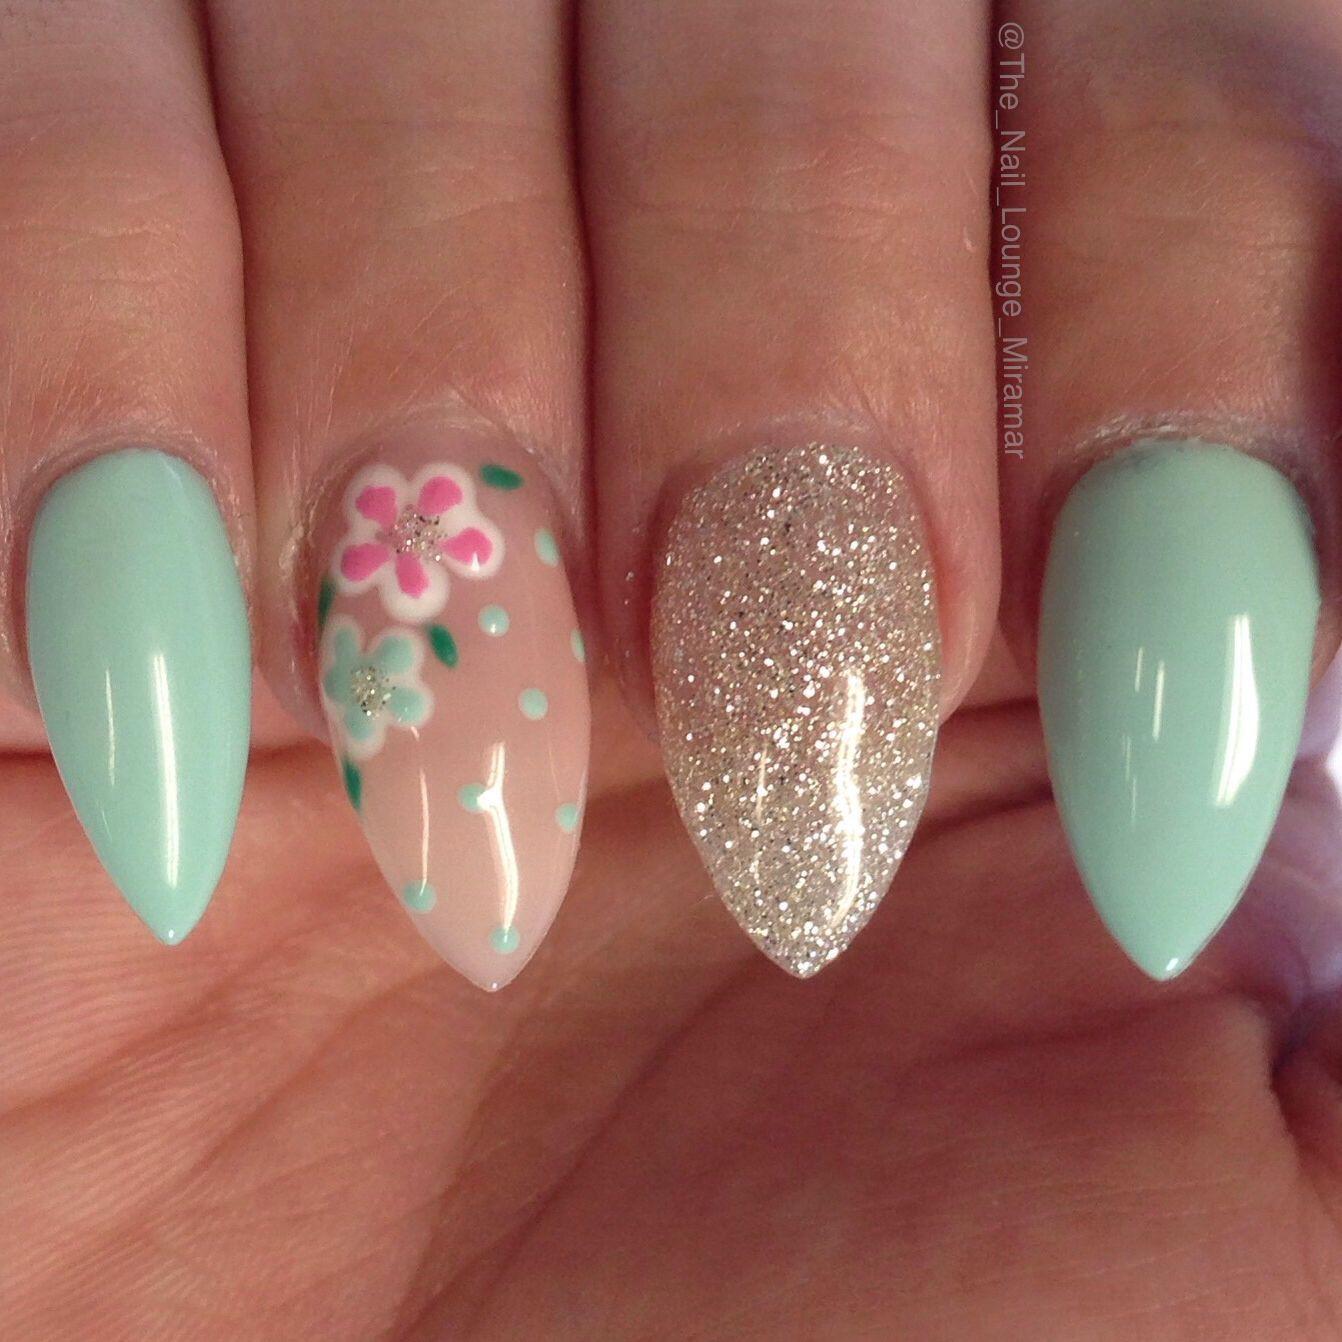 Stiletto flower nail art design | Nail Art | Pinterest | Flower nail ...